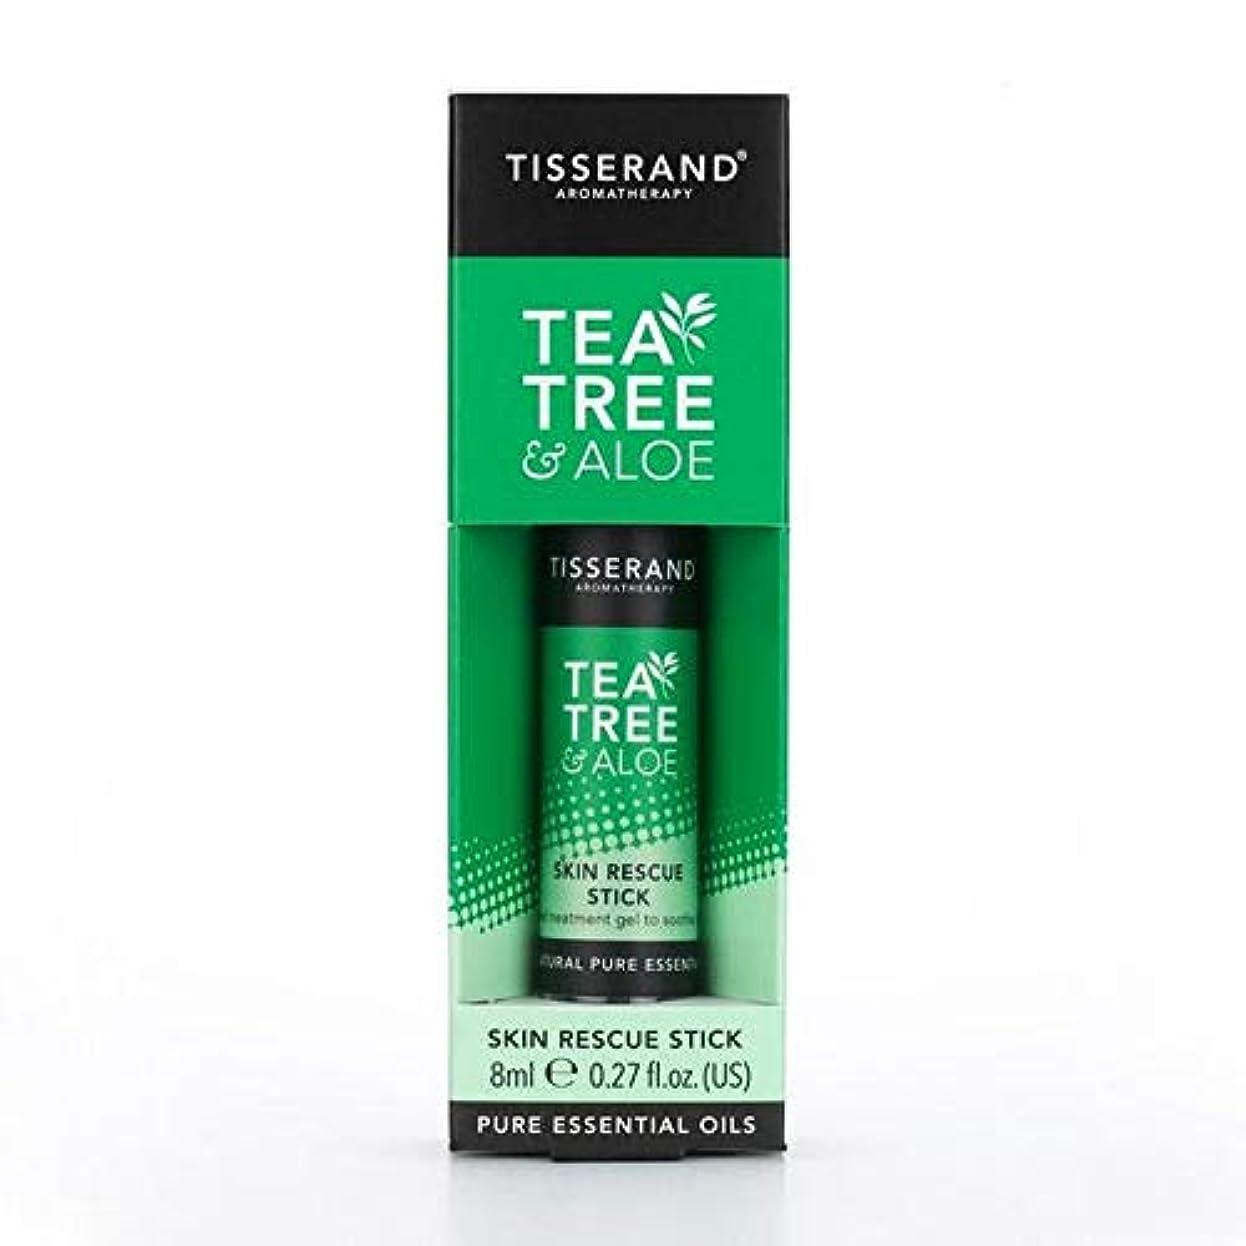 スマッシュ信者受ける[Tisserand] ティスランドティーツリー&アロエレスキュースティック8ミリリットル - Tisserand Tea Tree & Aloe Rescue Stick 8ml [並行輸入品]